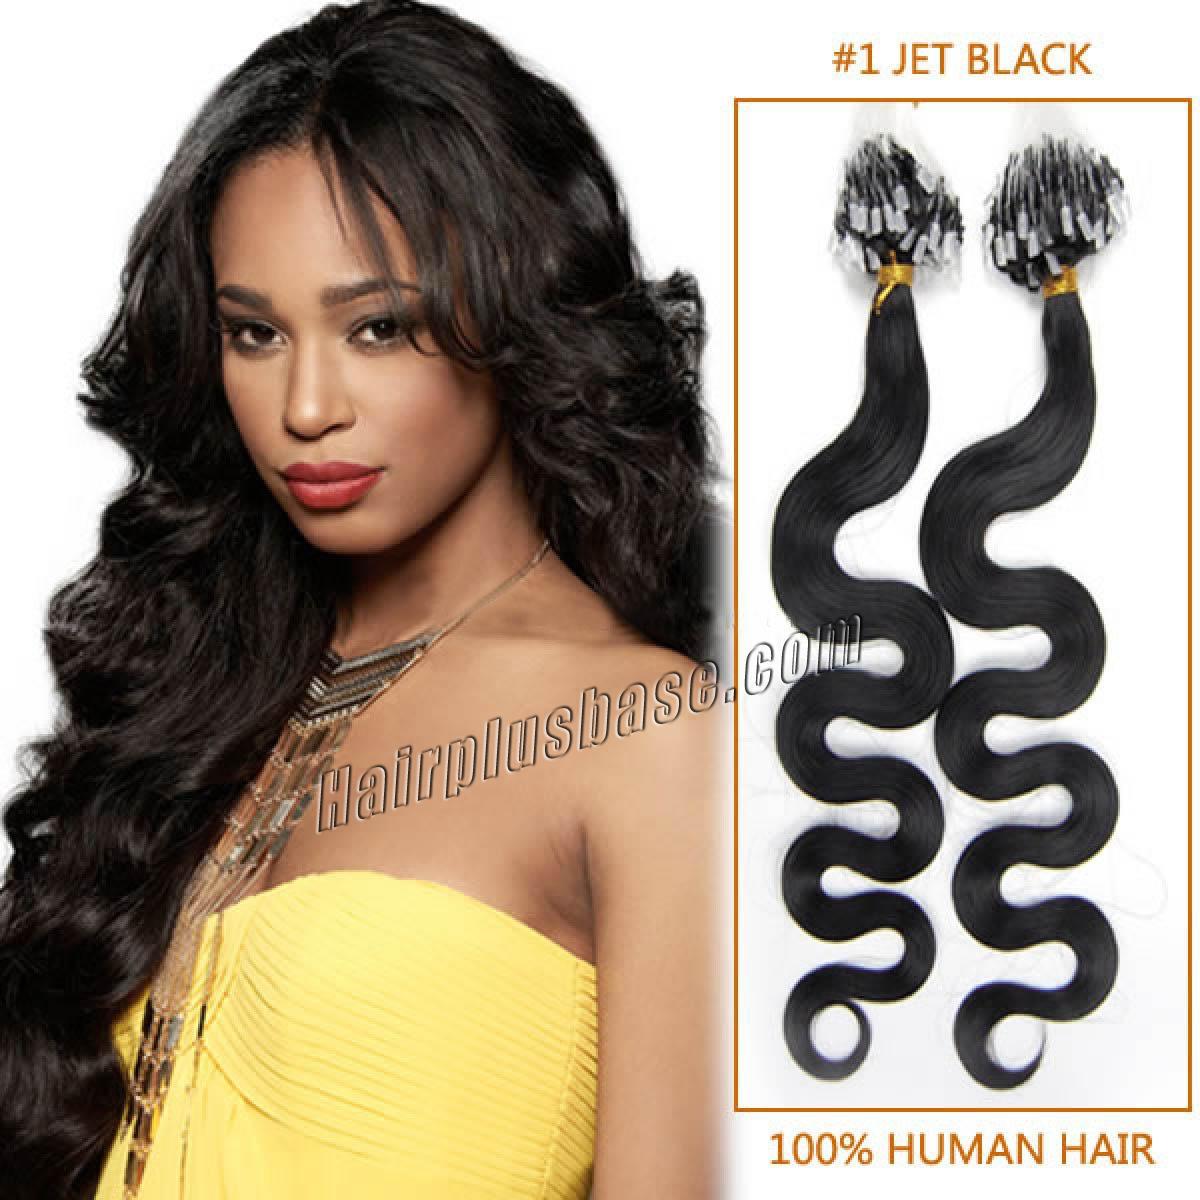 20 Inch 1 Jet Black Wavy Micro Loop Human Hair Extensions 100s